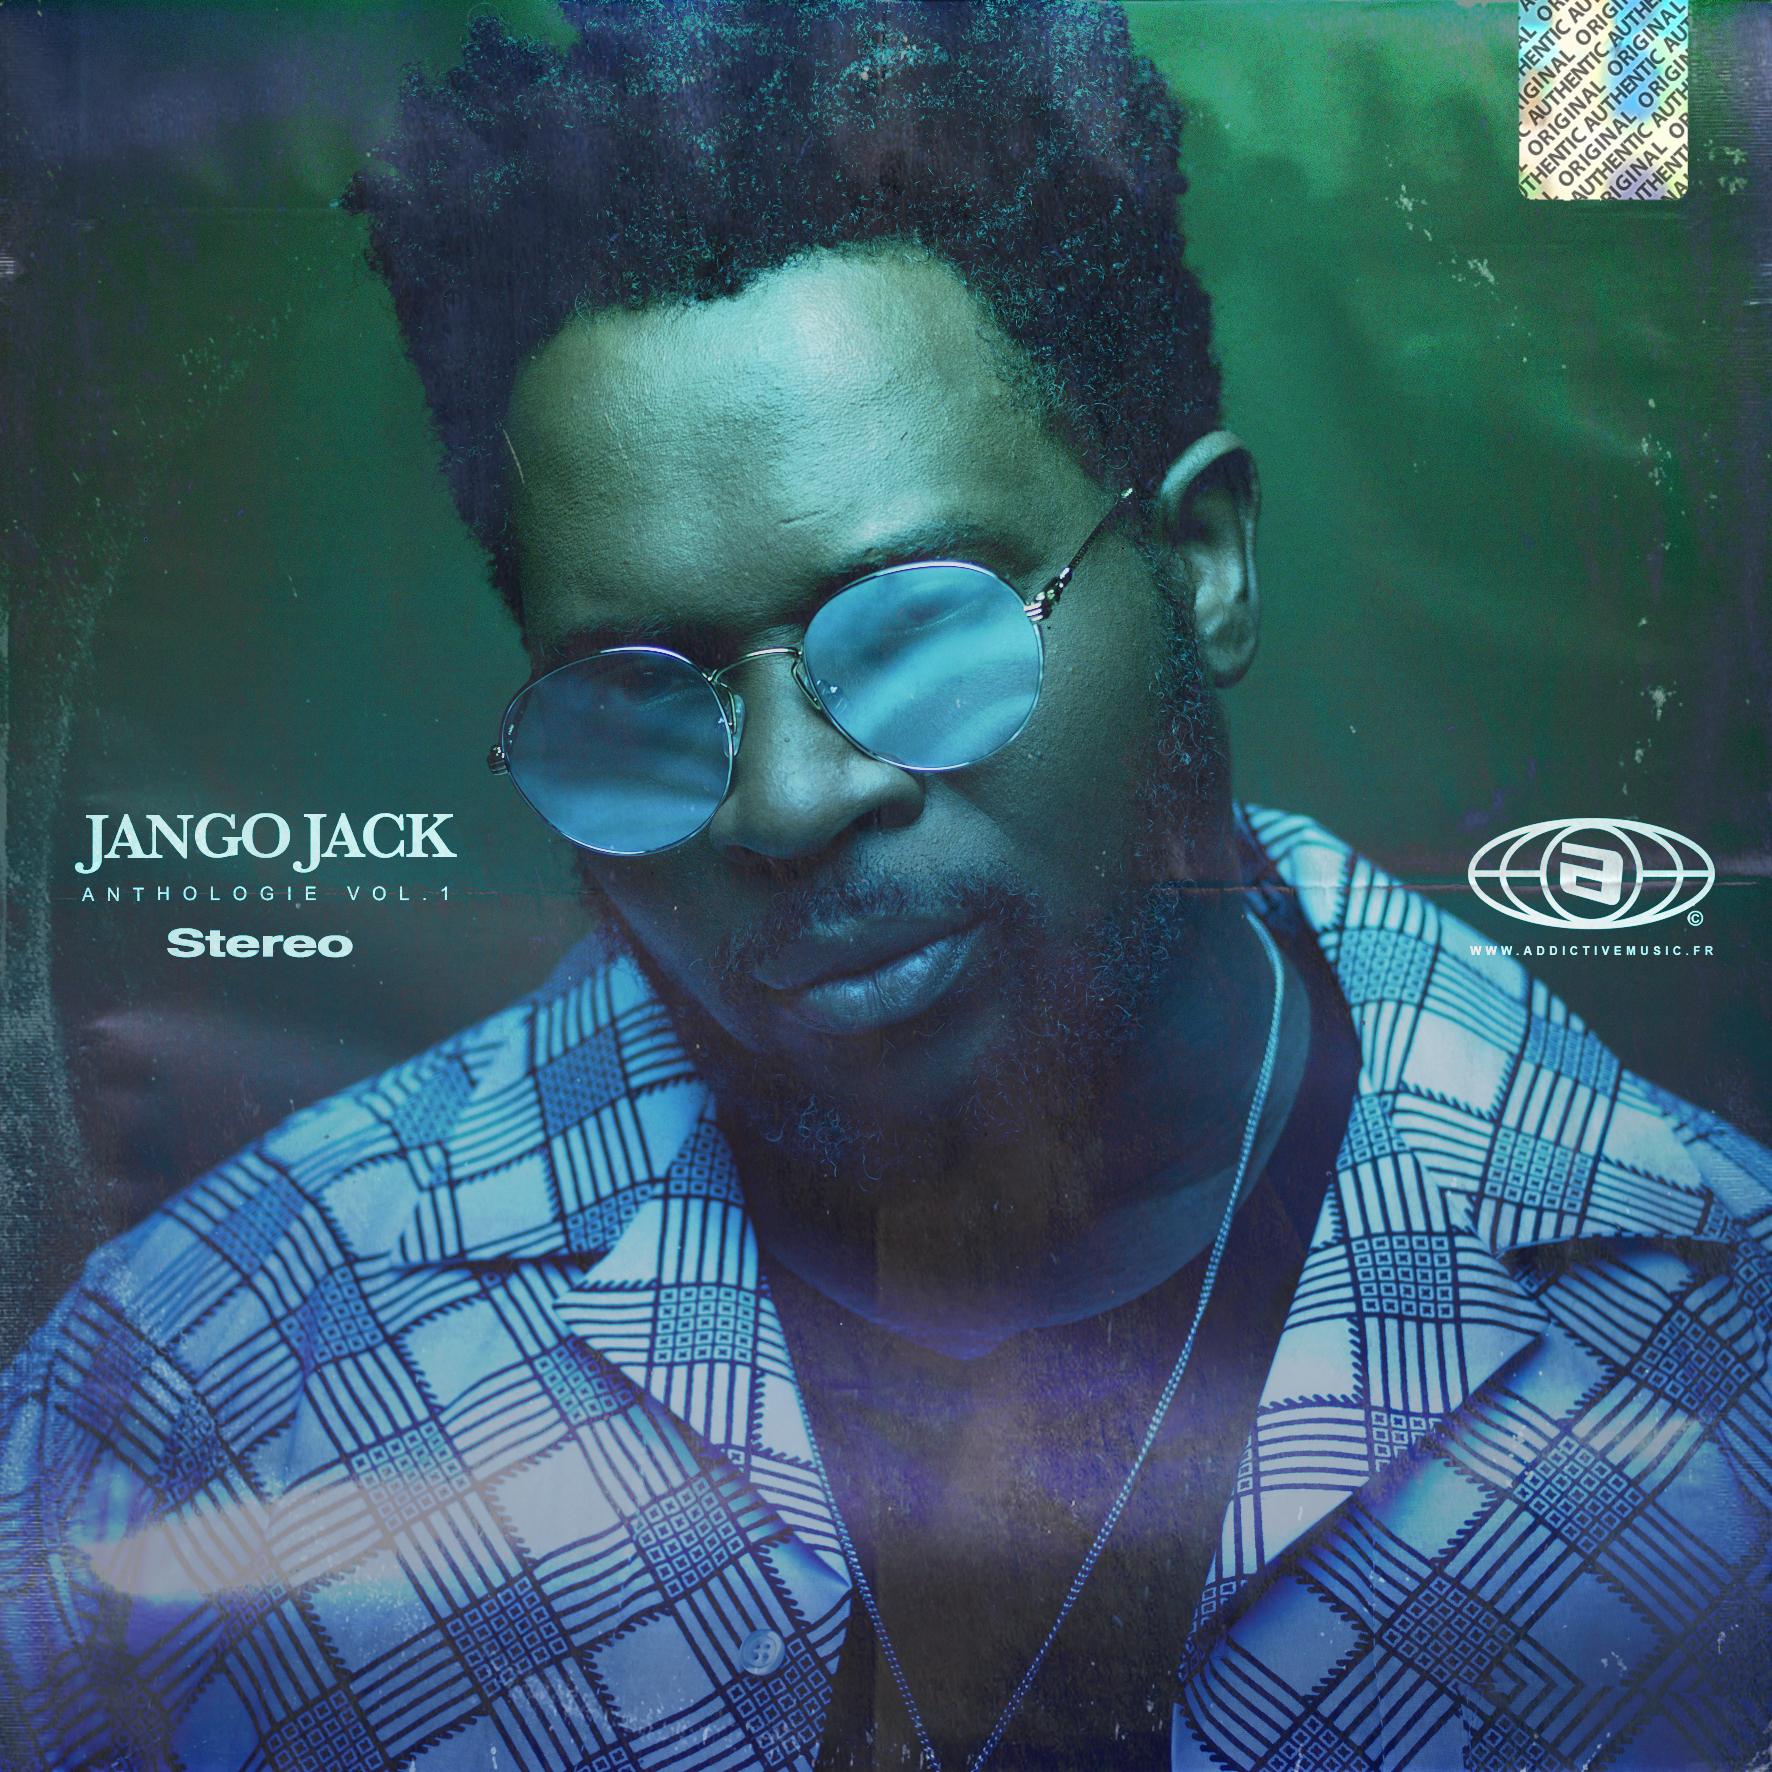 JANGO JACK